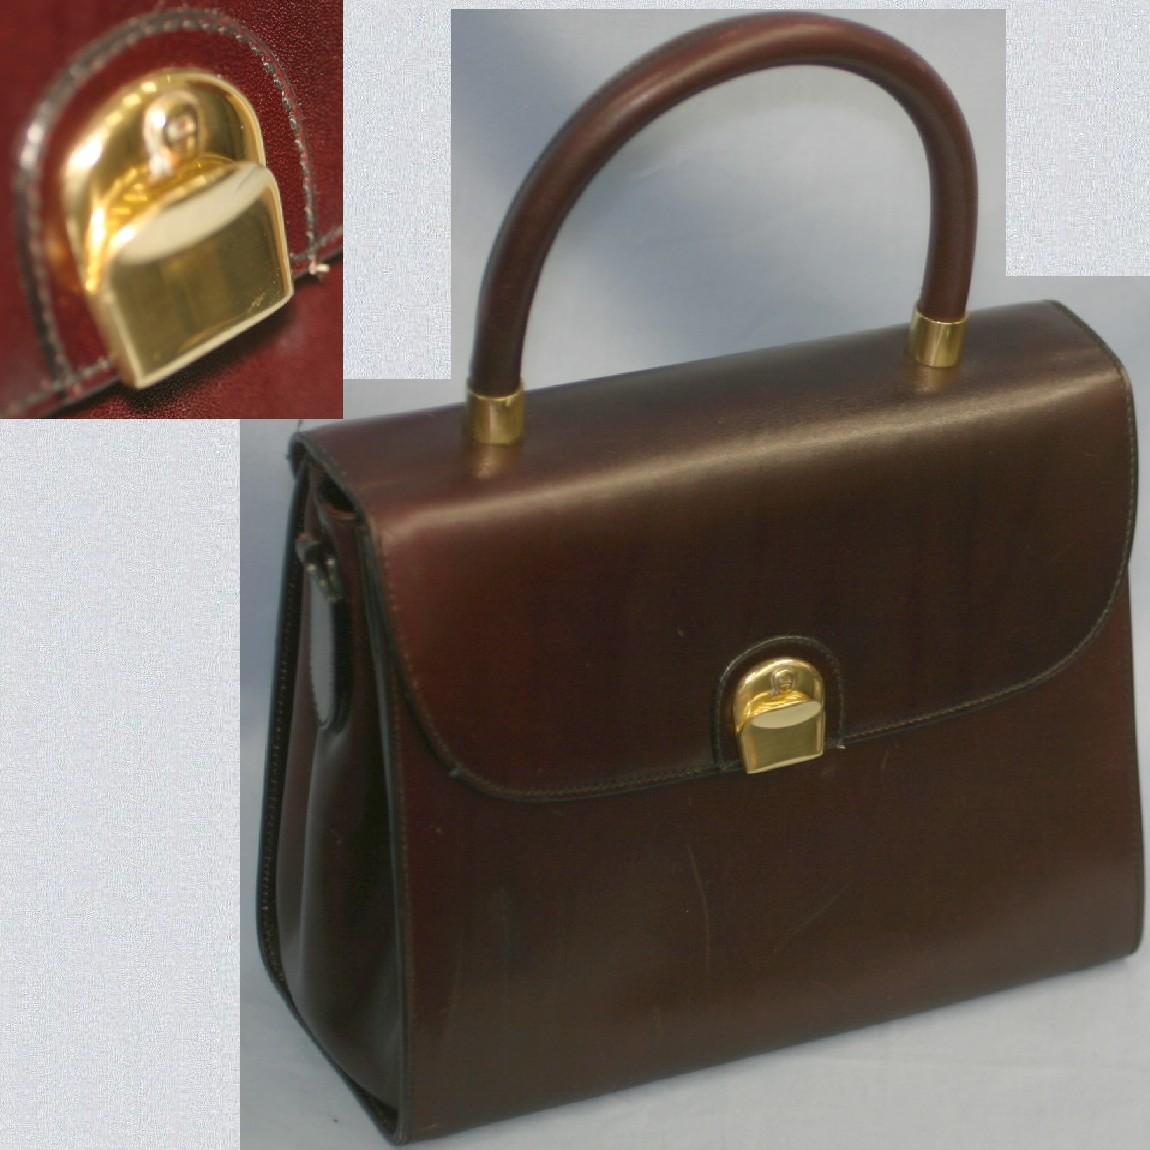 【中古】本物美品でレア焦げ茶色革素材女性用取り外し可能なショルダーストラップ付き斜め掛け可能24センチハンドバッグ